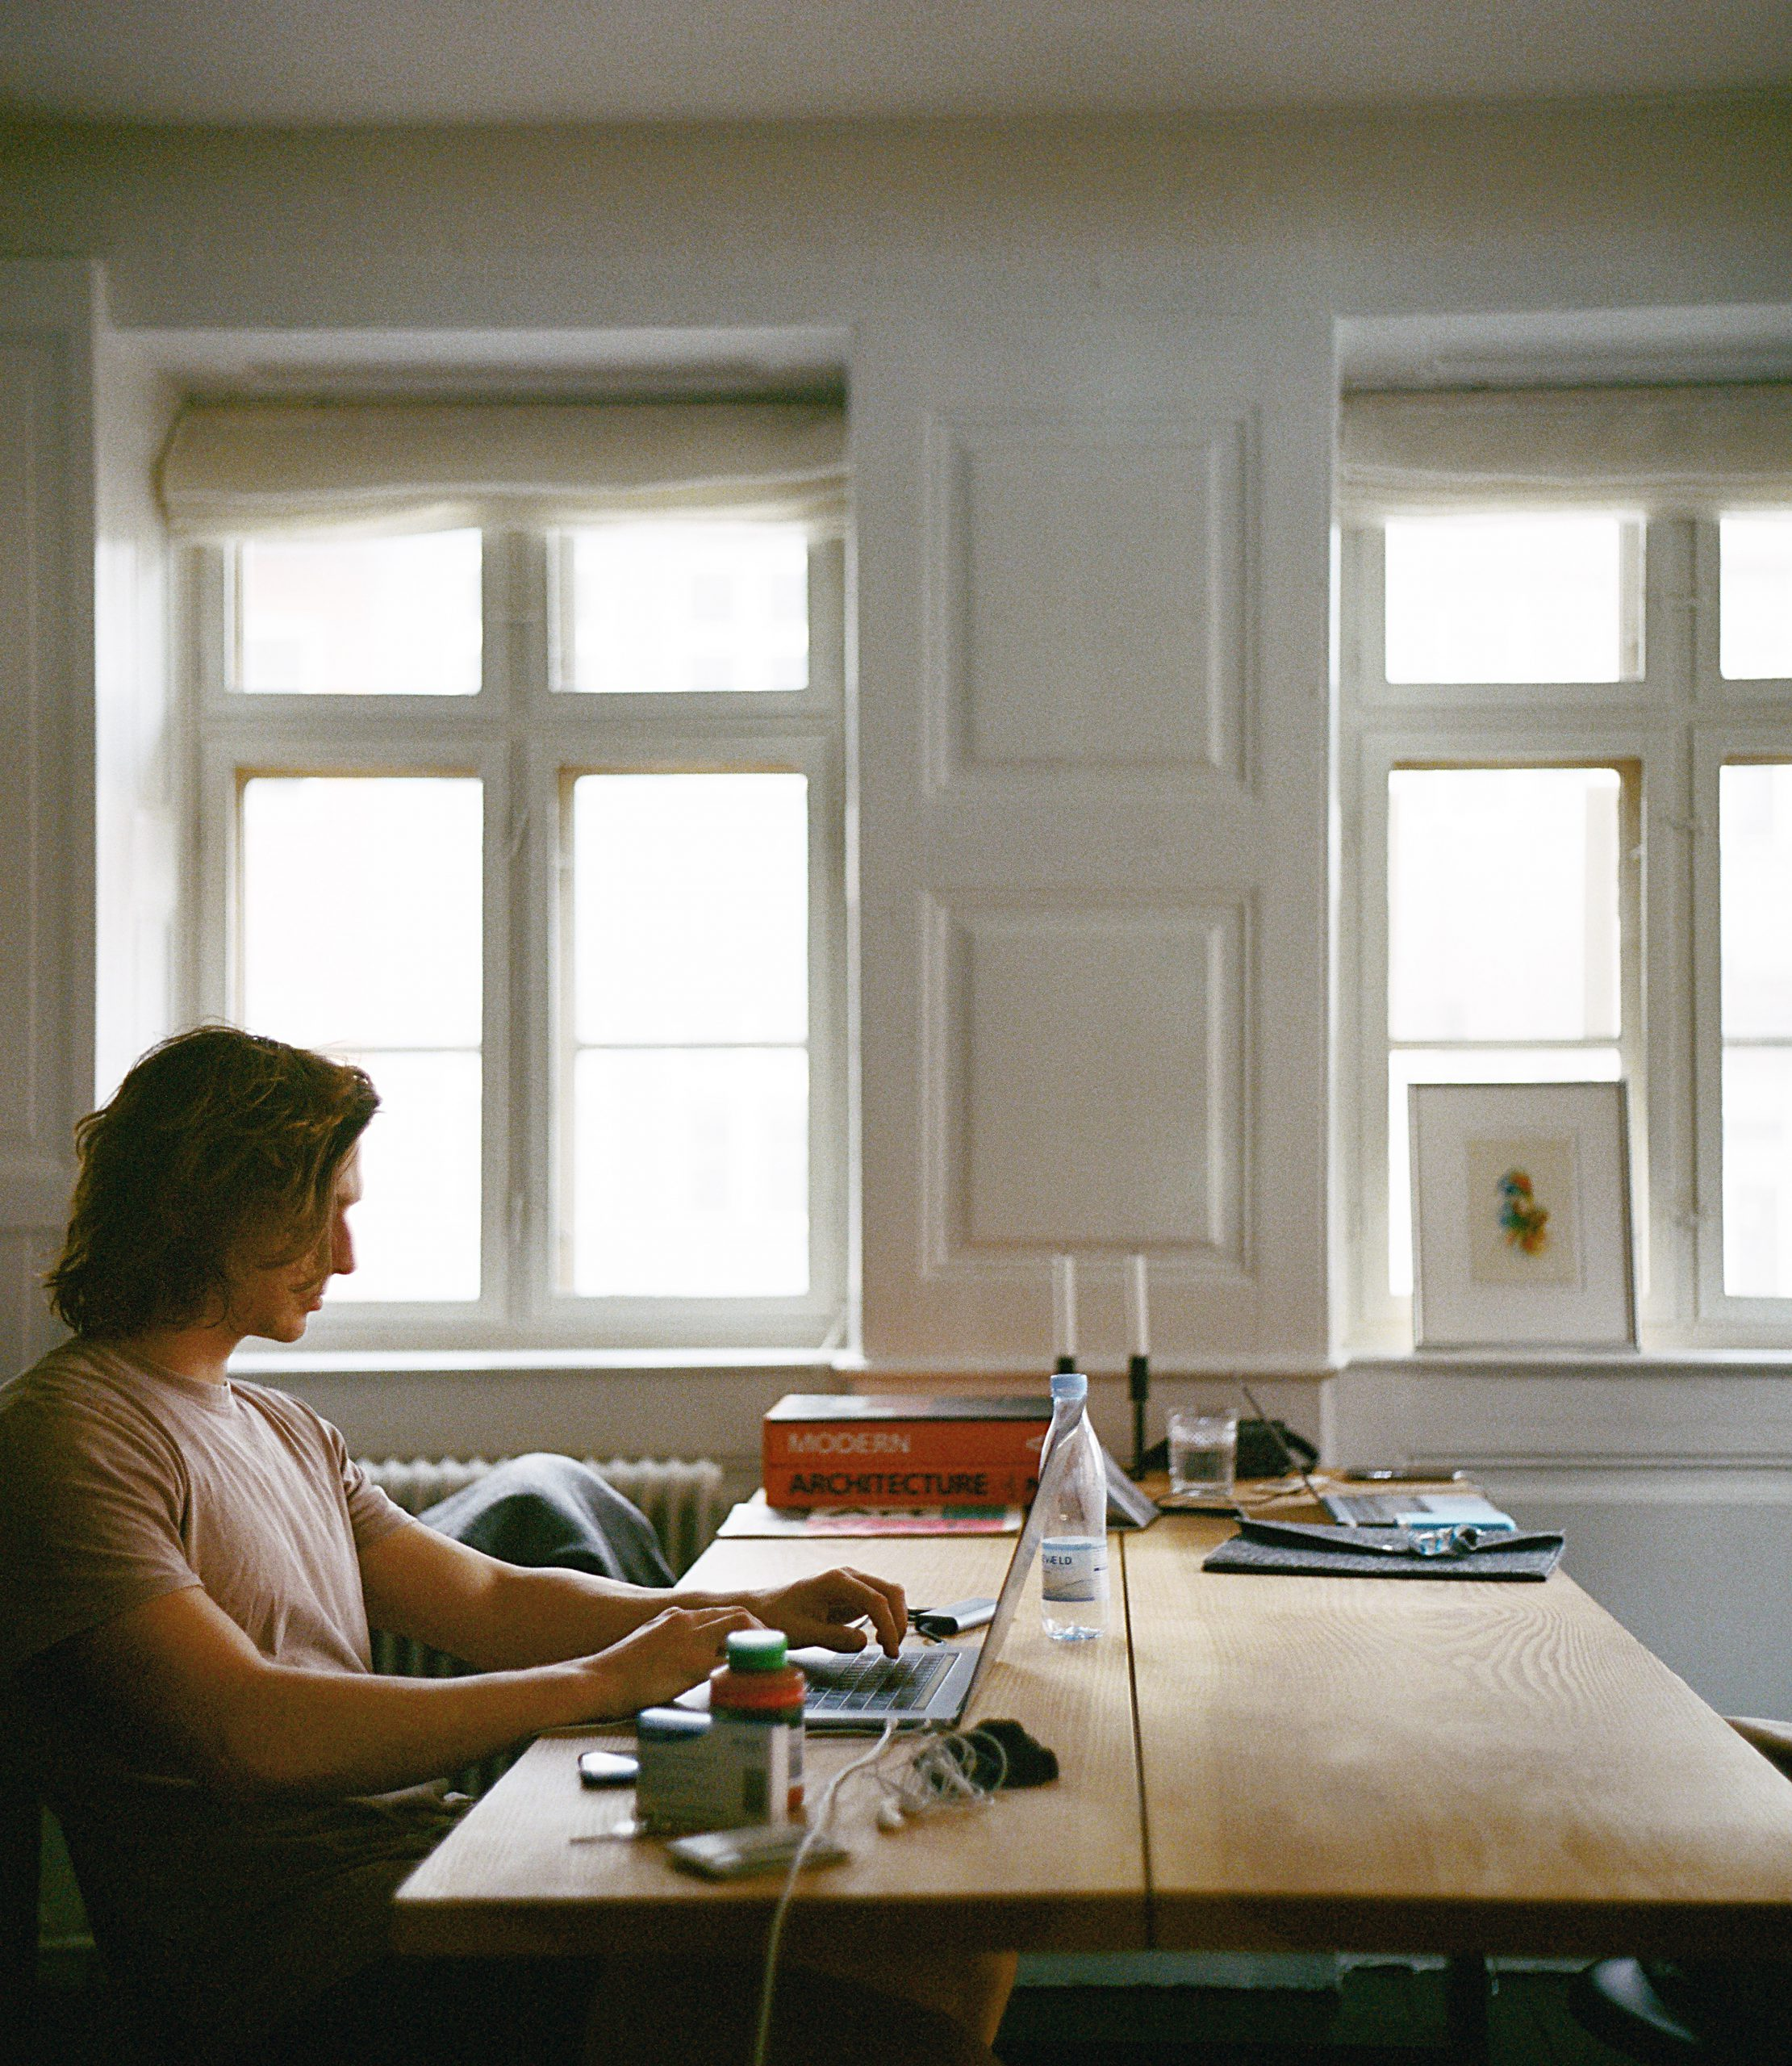 Praca zdalna w domu – jak nie zwariować podczas kwarantanny?